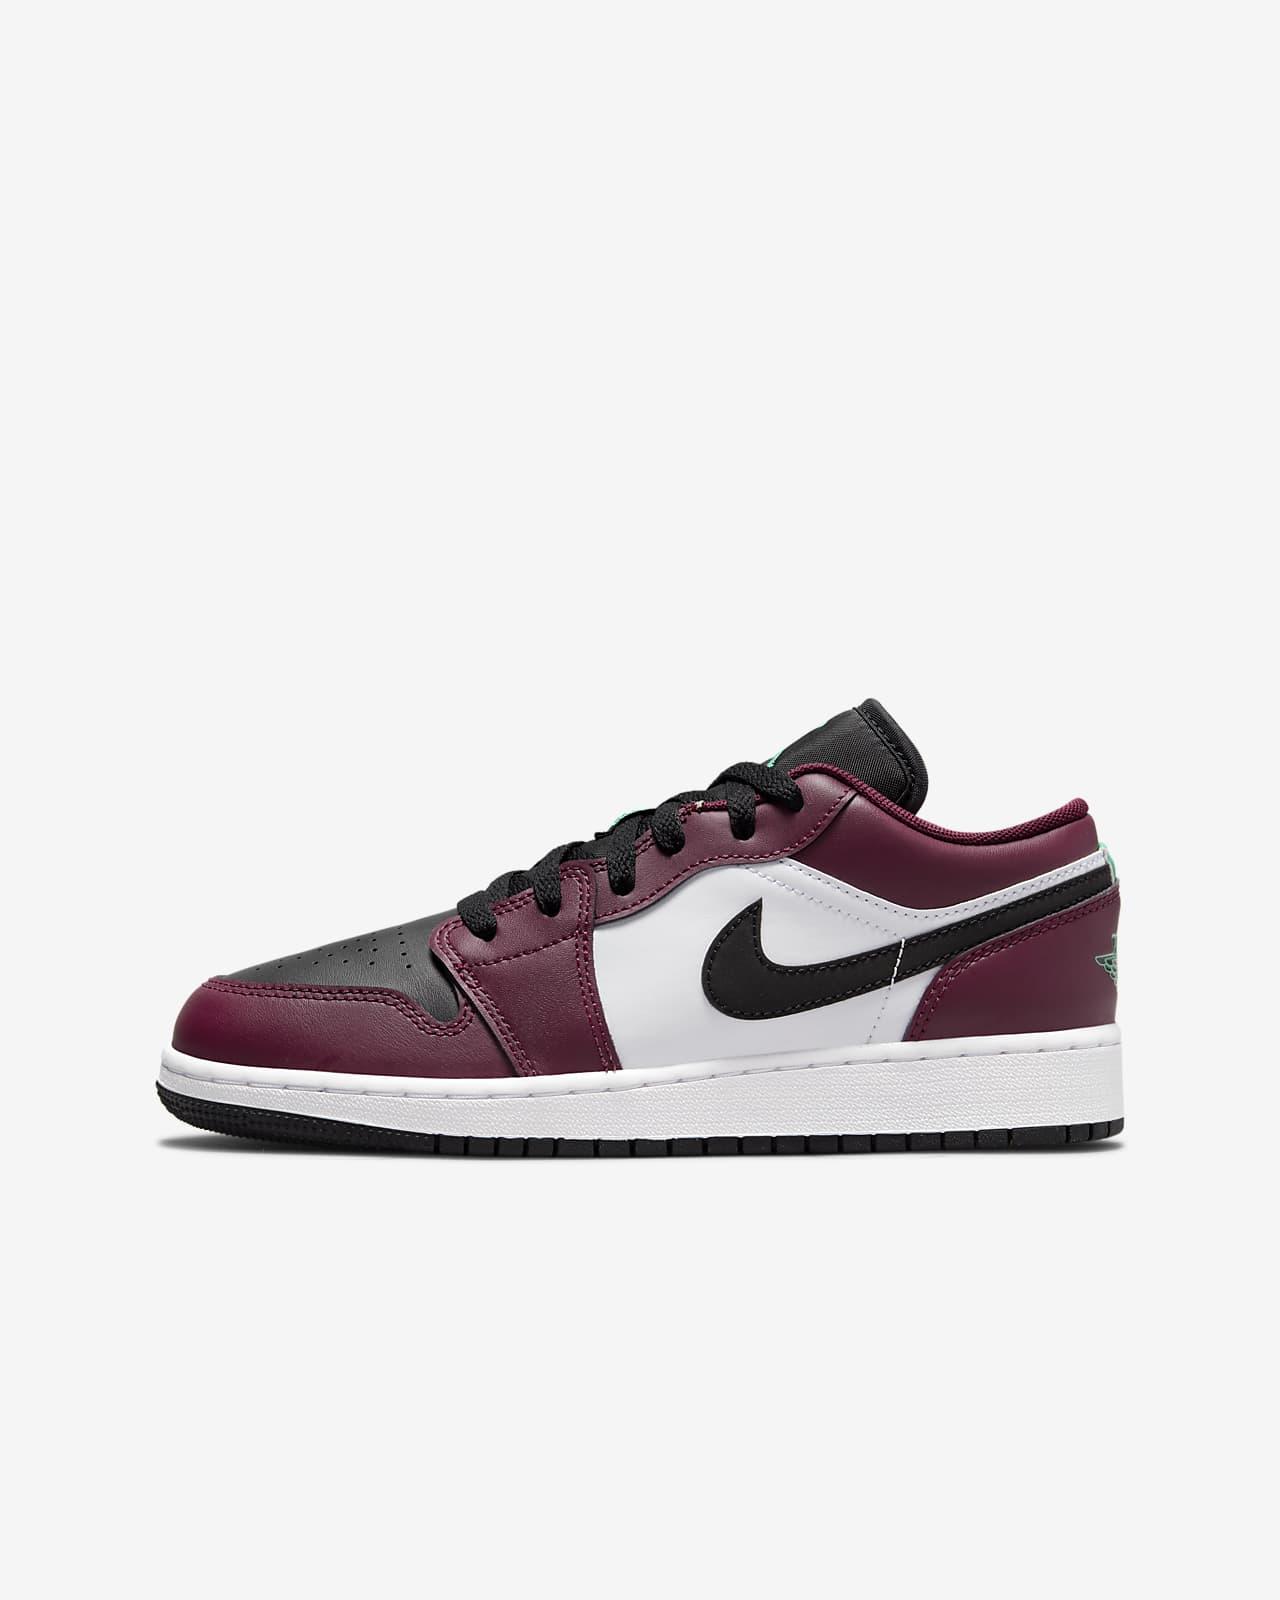 Chaussures Air Jordan1LowSE pour Enfant plus âgé